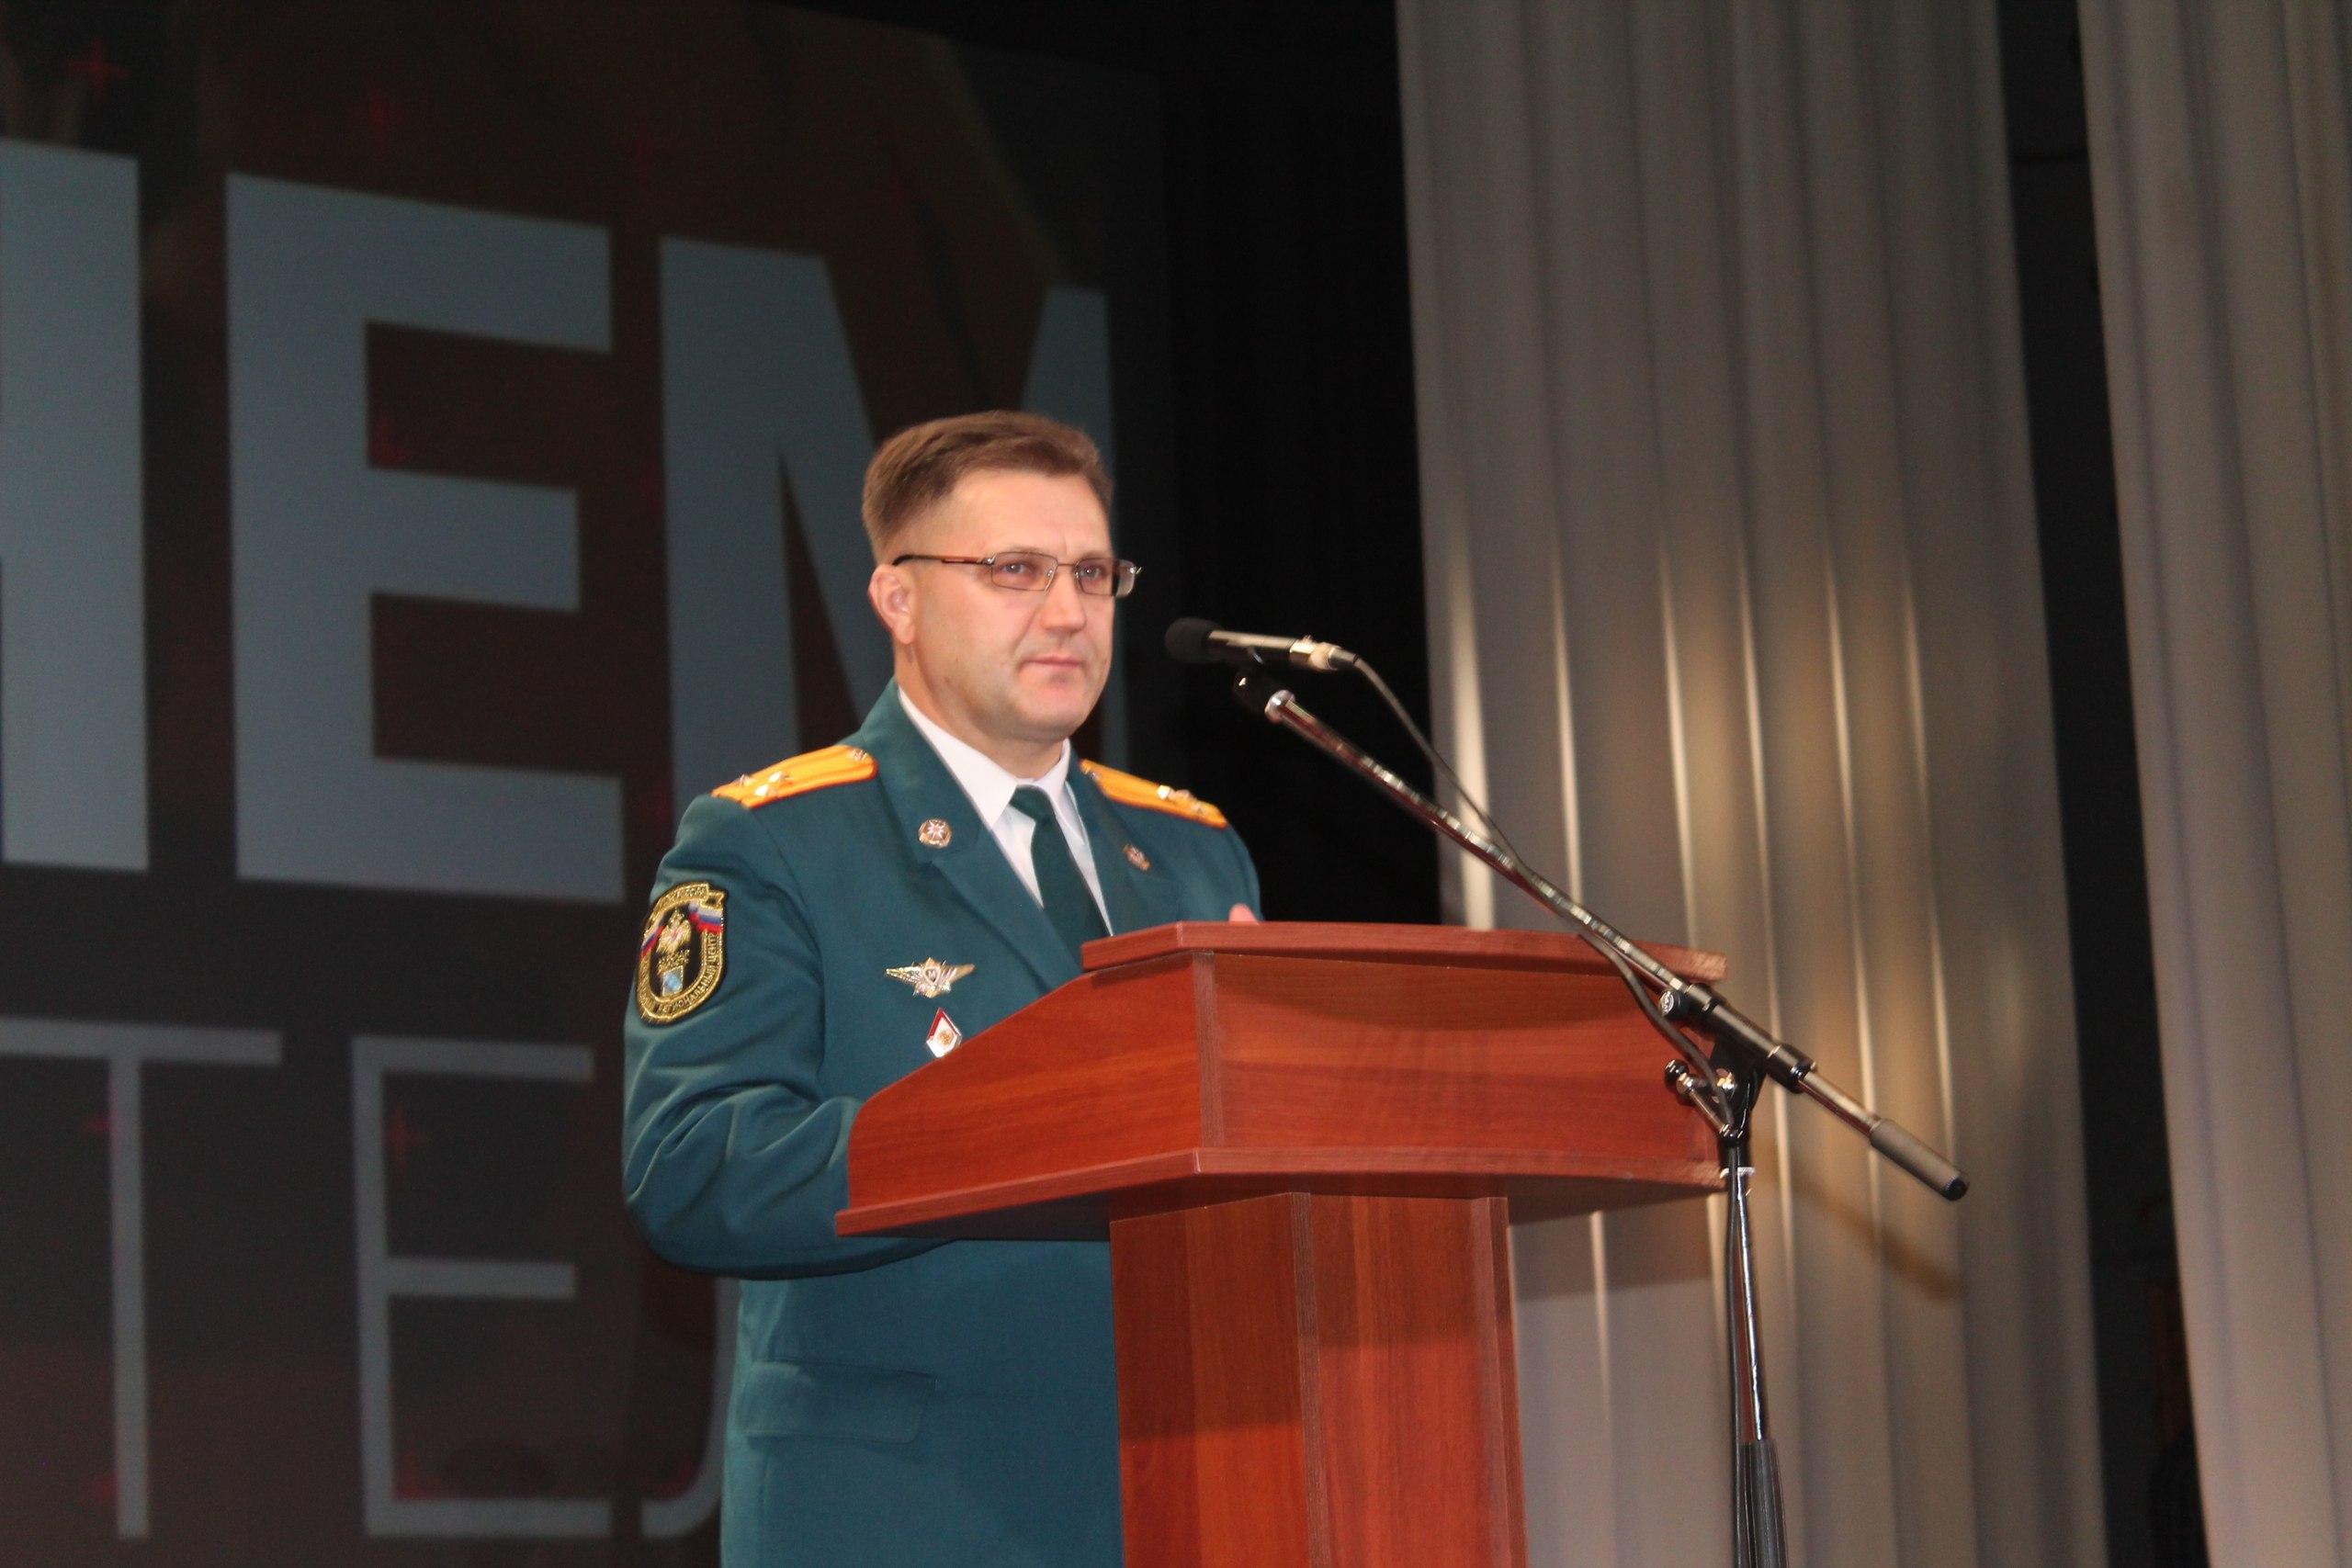 День спасателя Российской Федерации отмечают сотрудники МЧС Курской области